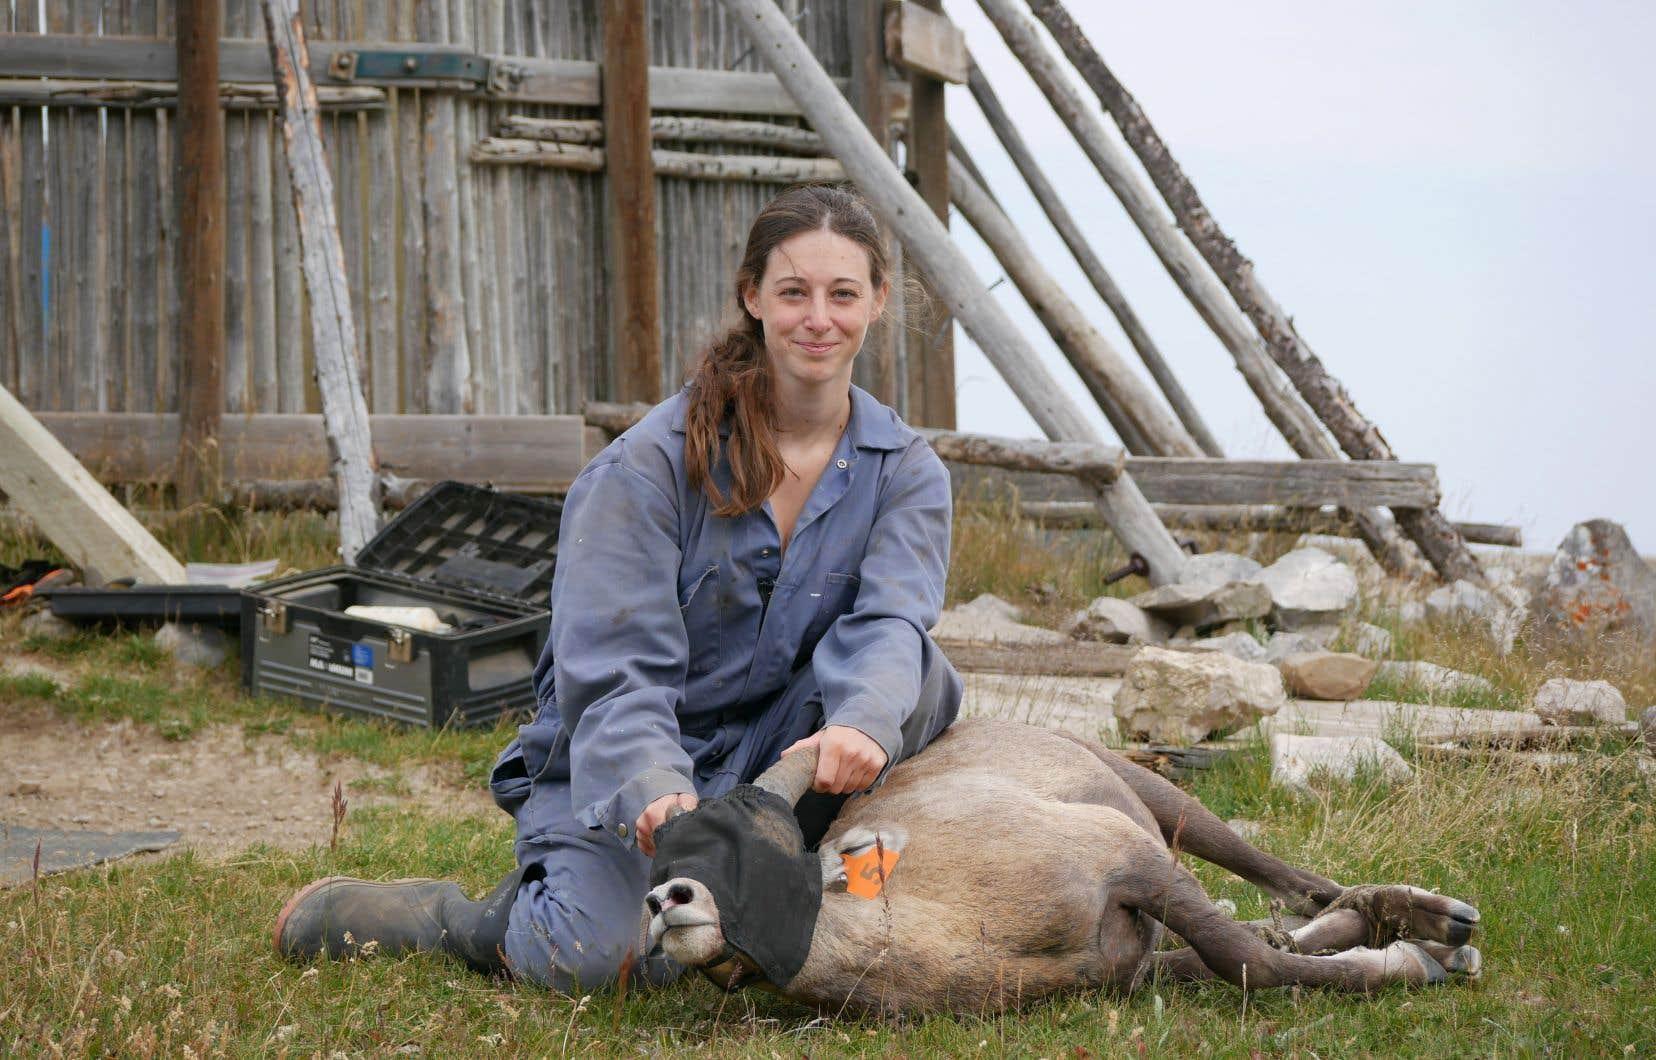 Yoanna Poisson croit que la sauvegarde des mouflons à grandes cornes passe par la mobilisation du milieu et la prise de conscience.